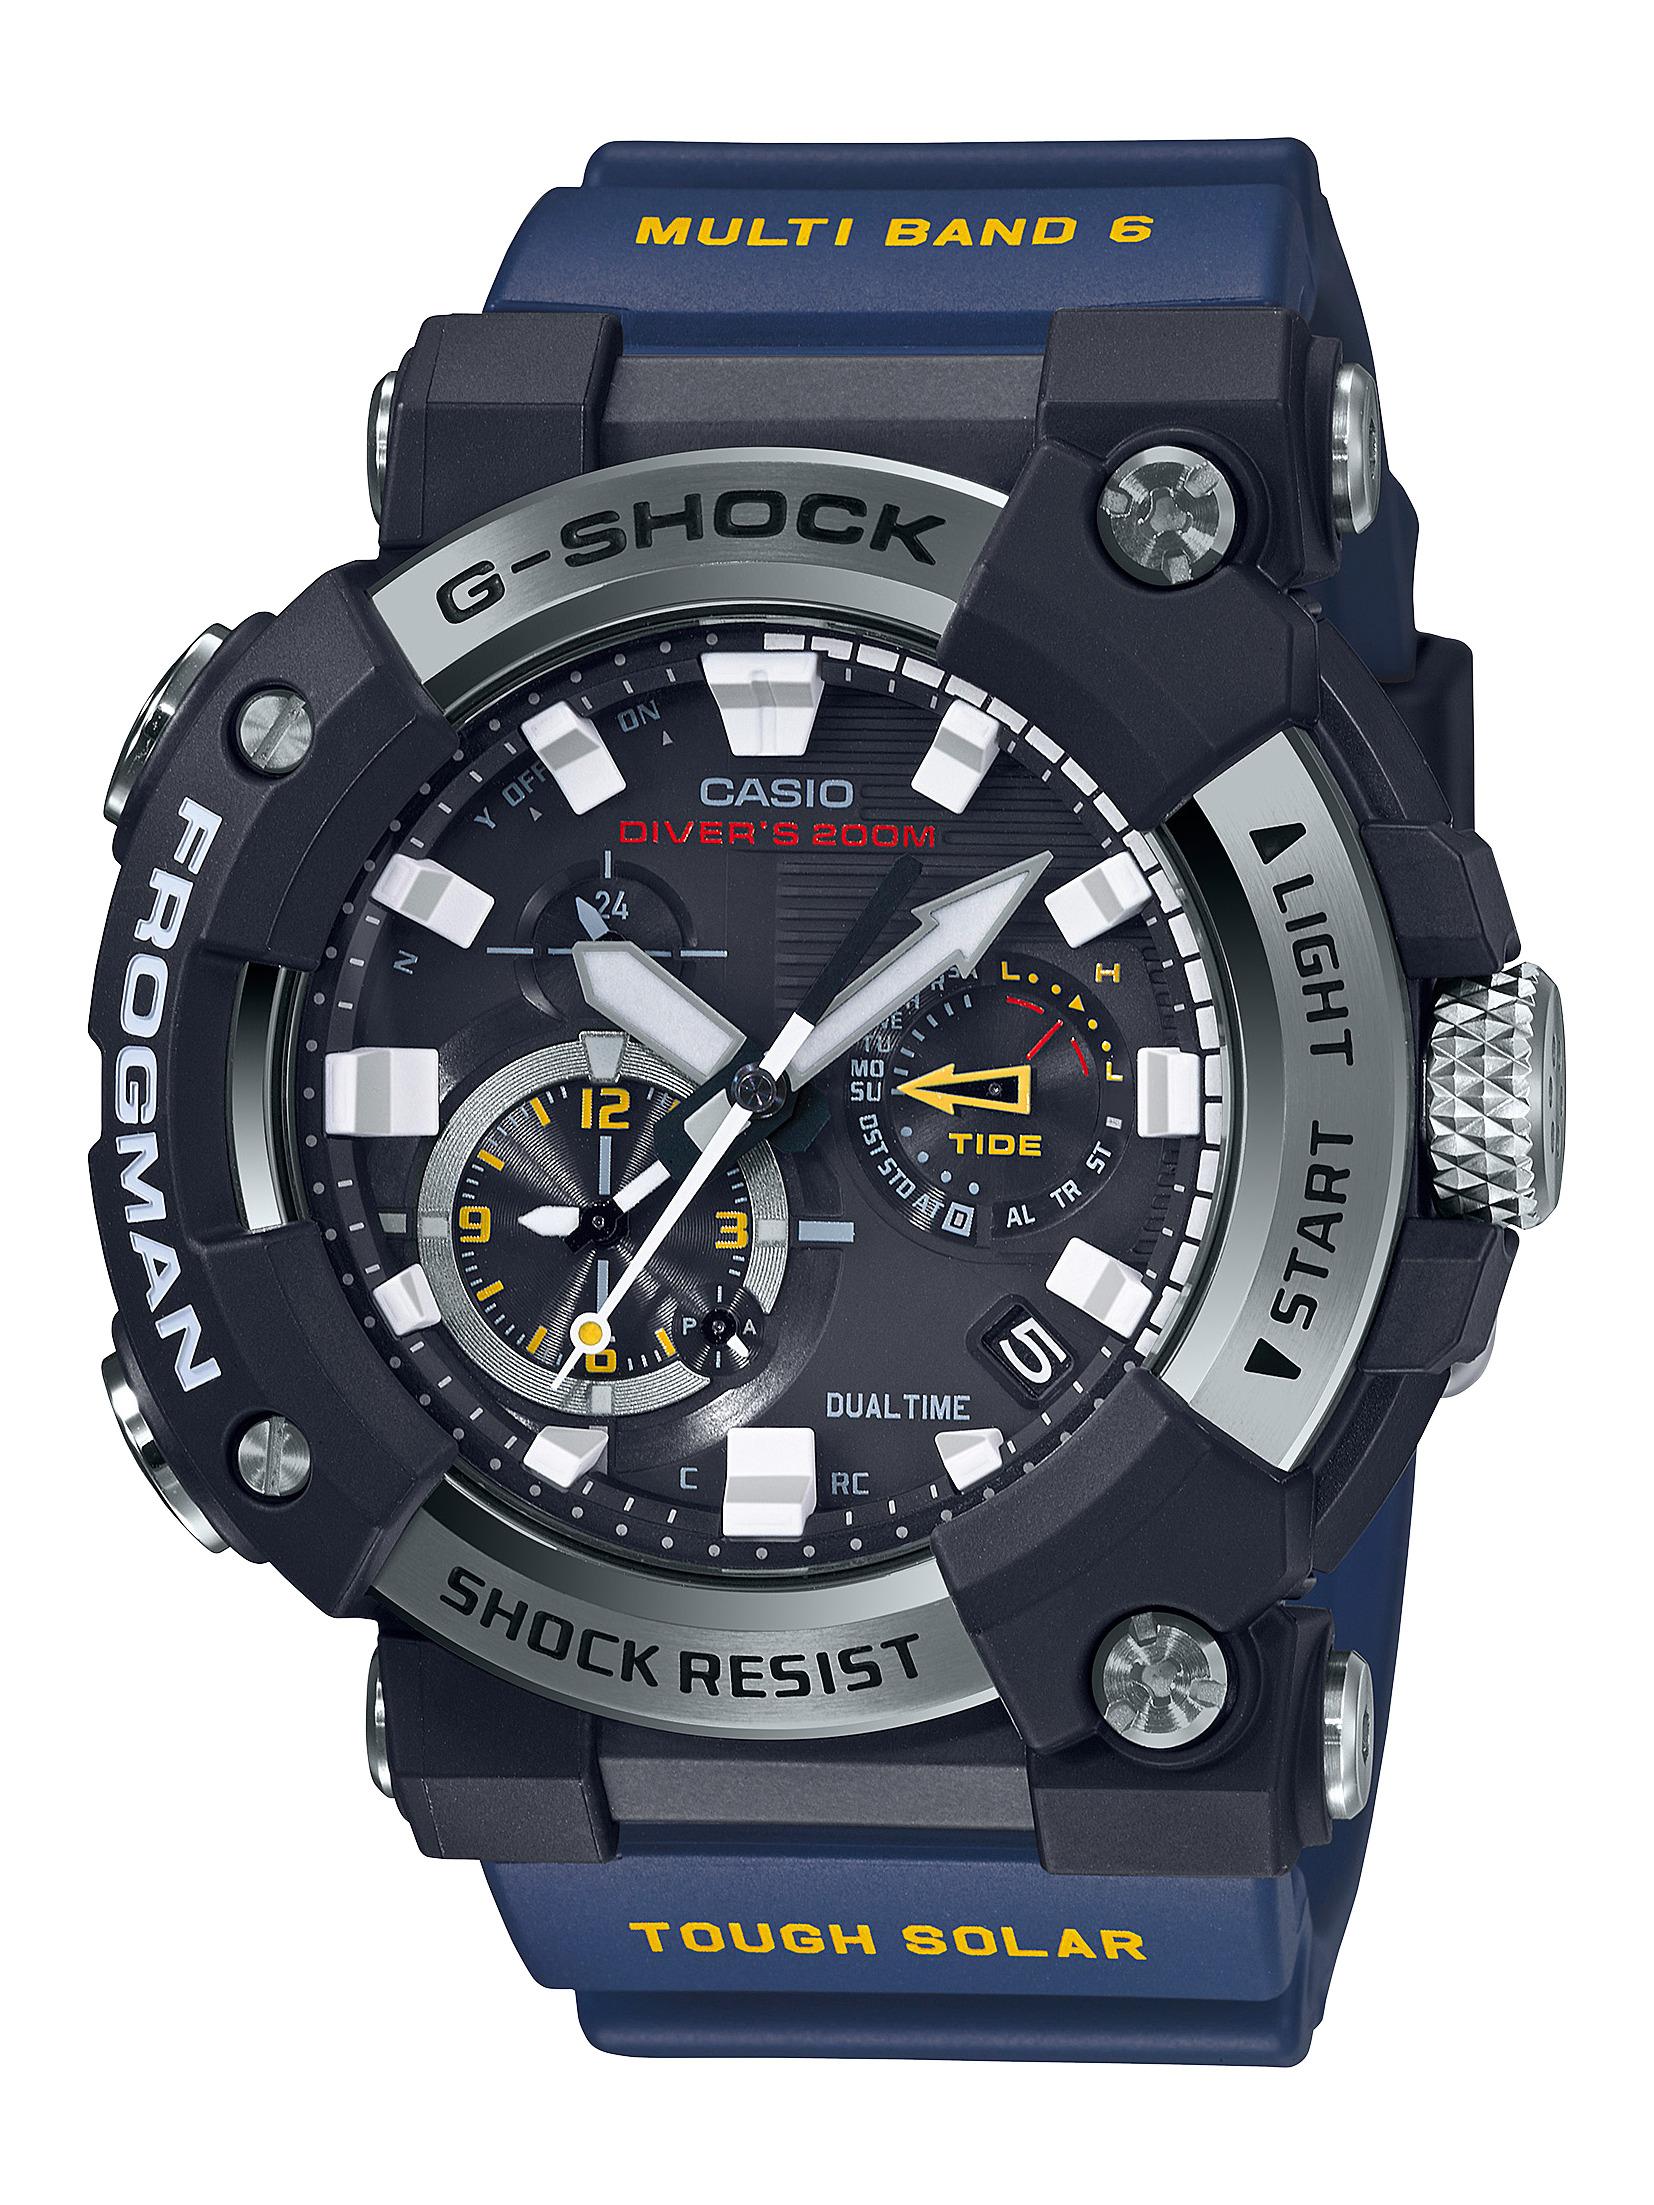 CASIO腕時計 G-SHOCK GWF-A1000-1A2JF C-0140